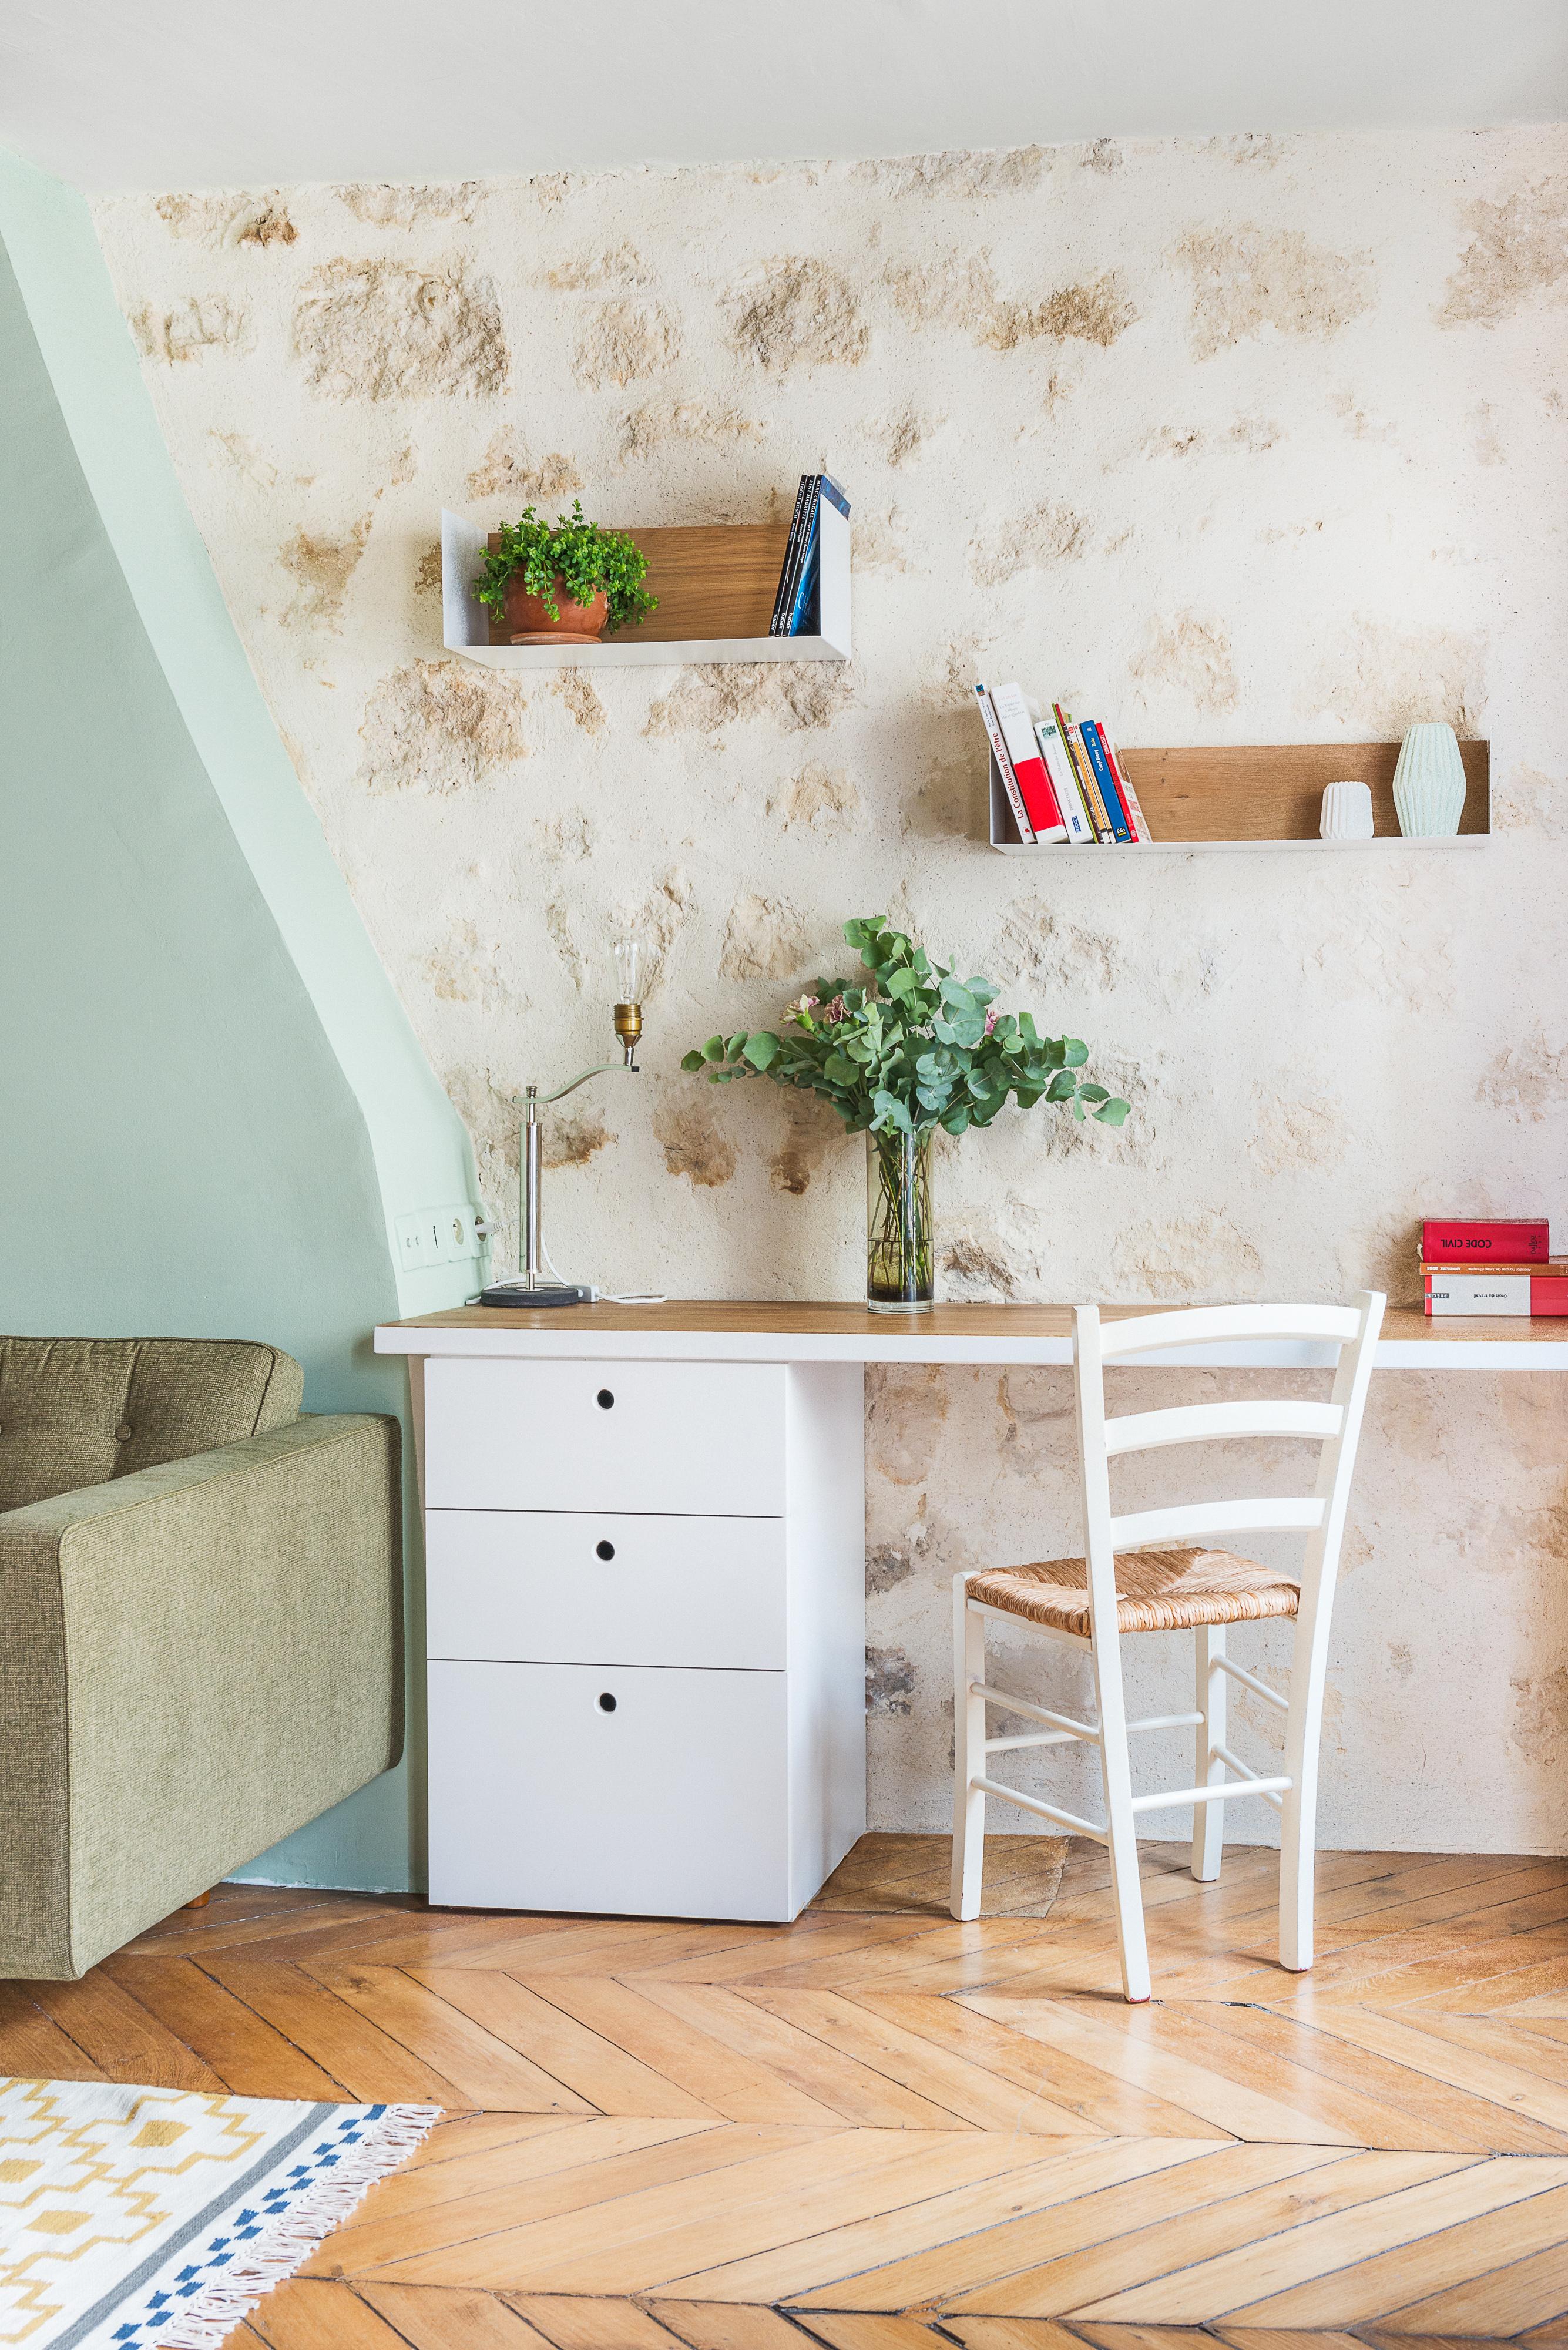 Décoration d'un salon - Marion Alberge - Décoratrice d'intérieur